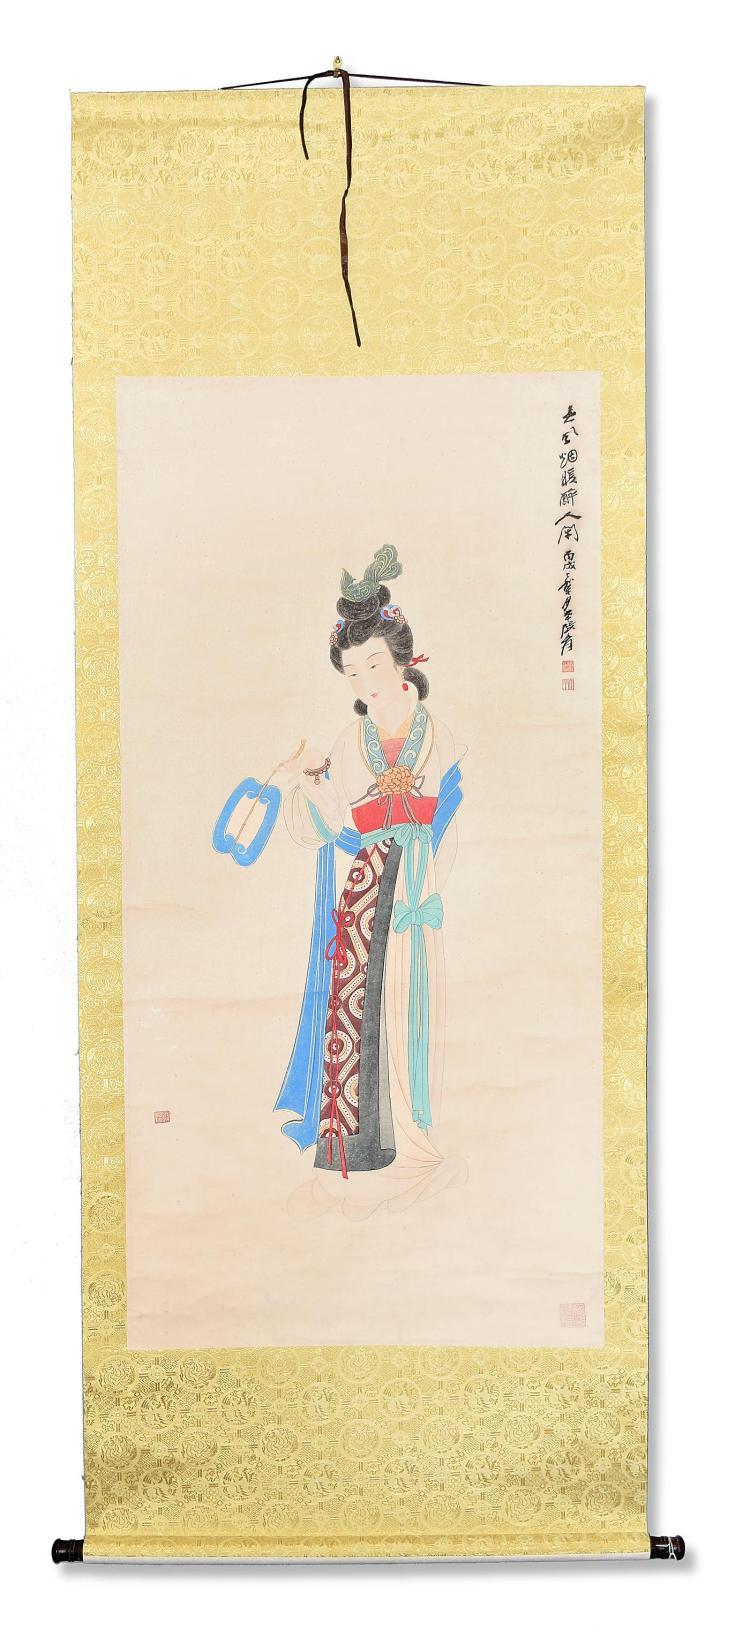 BEAUTY BY ZHANG DAQIAN (CHINESE, 1899-1983).